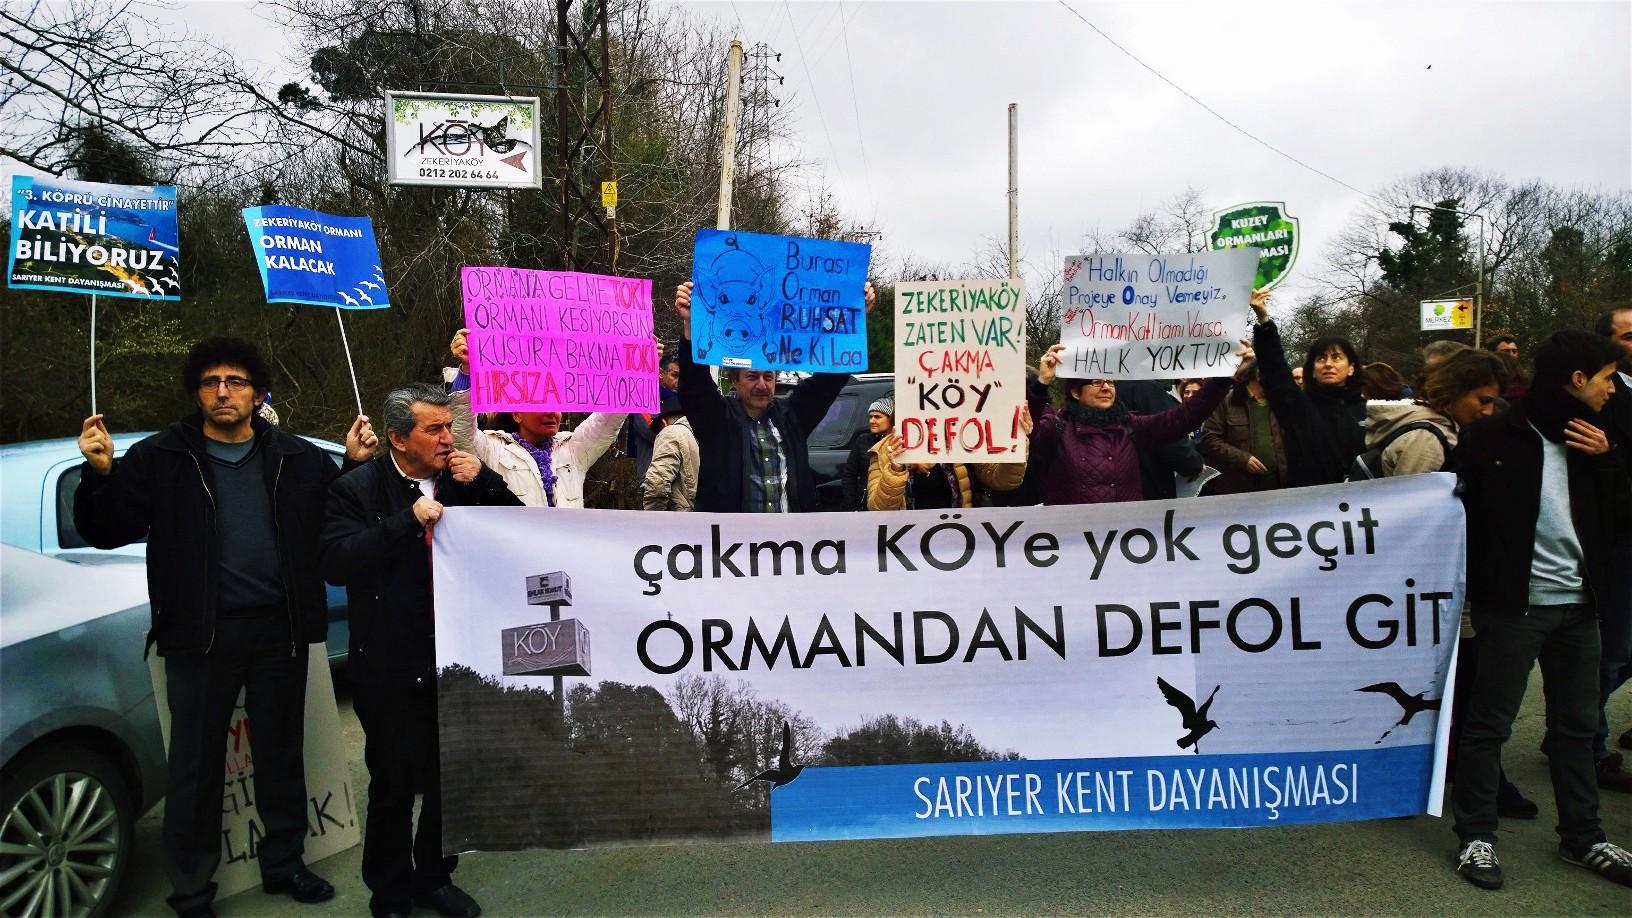 Erdoğan'ın Siyahkalem'i hukuk dinlemiyor